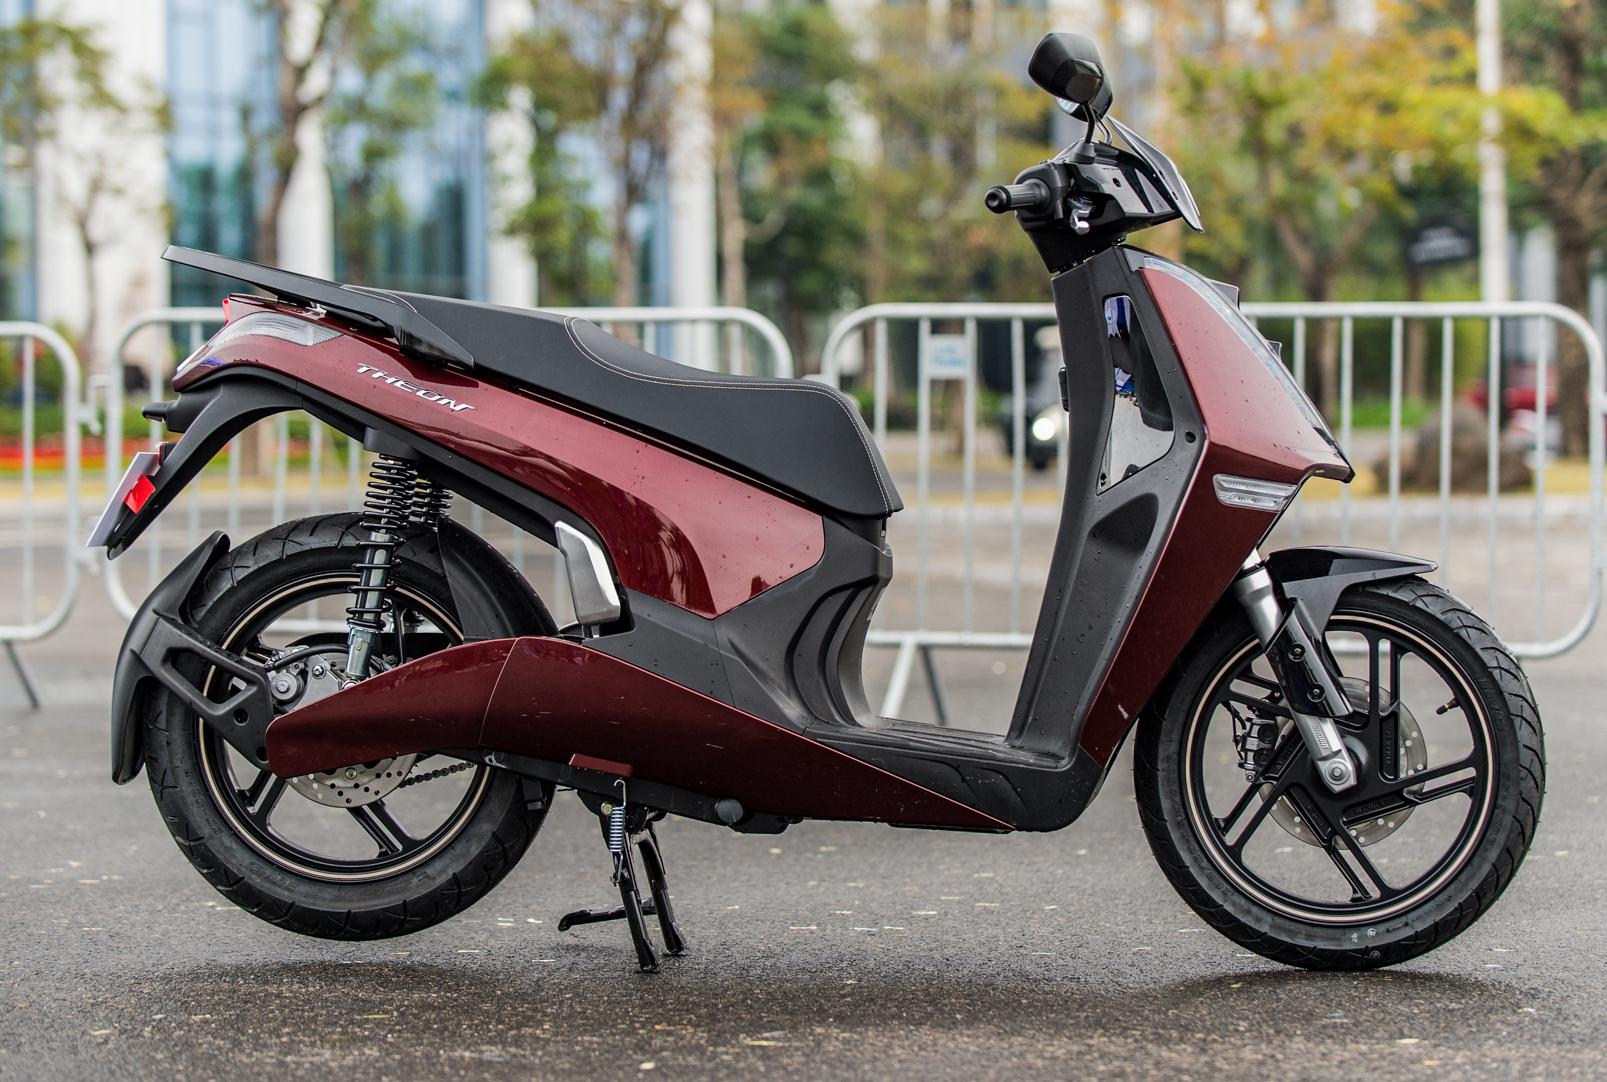 Những mẫu xe máy điện sang chảnh giá đắt đỏ tại Việt Nam